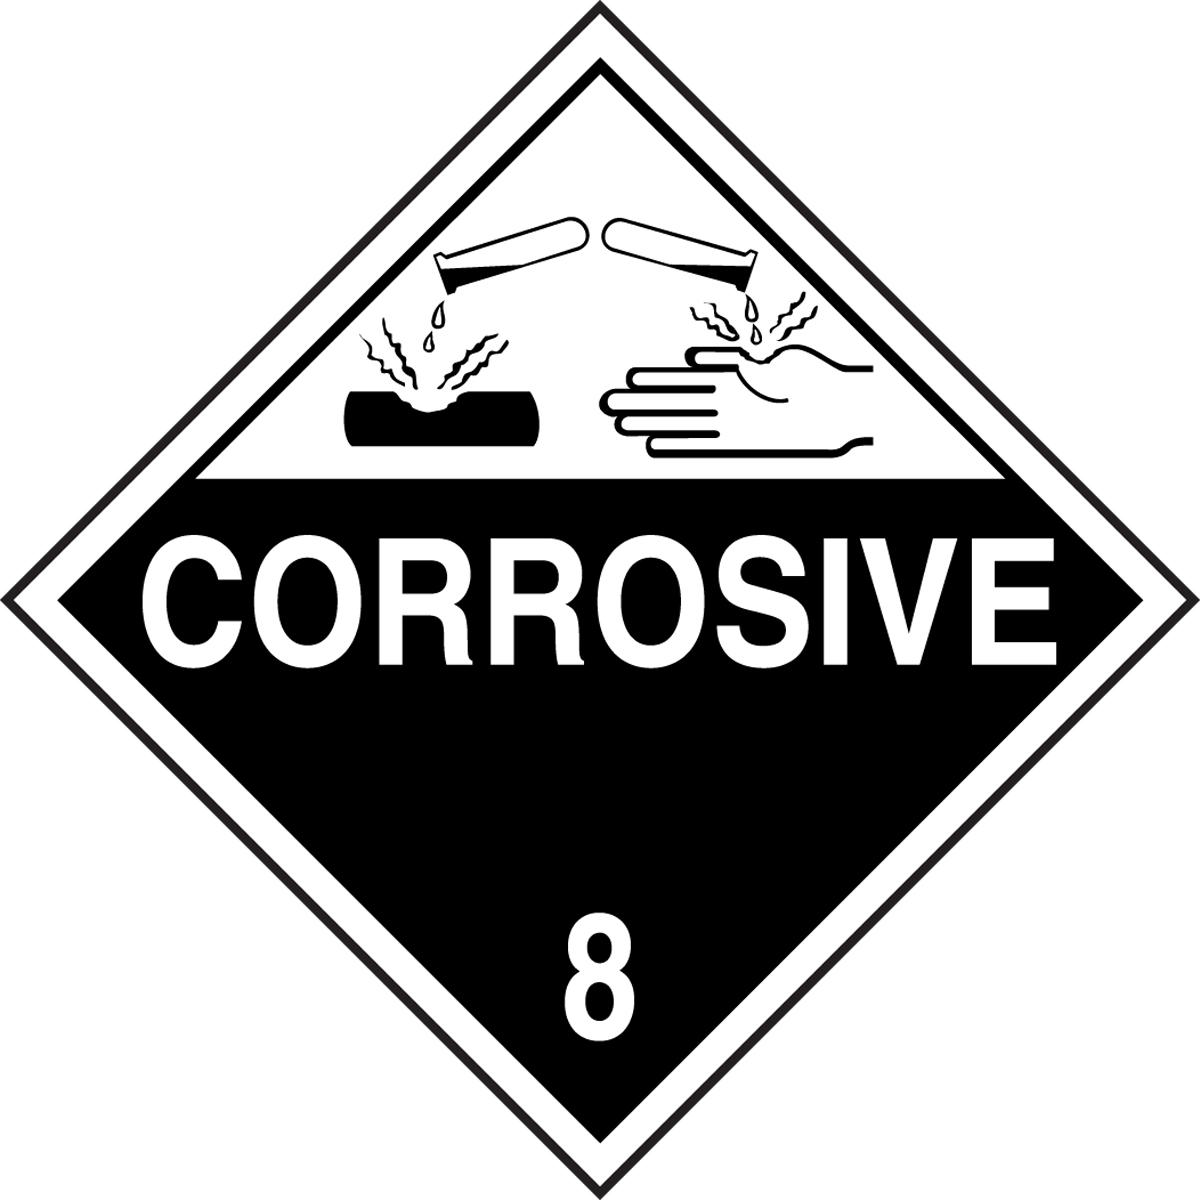 CORROSIVE (W/GRAPHIC)